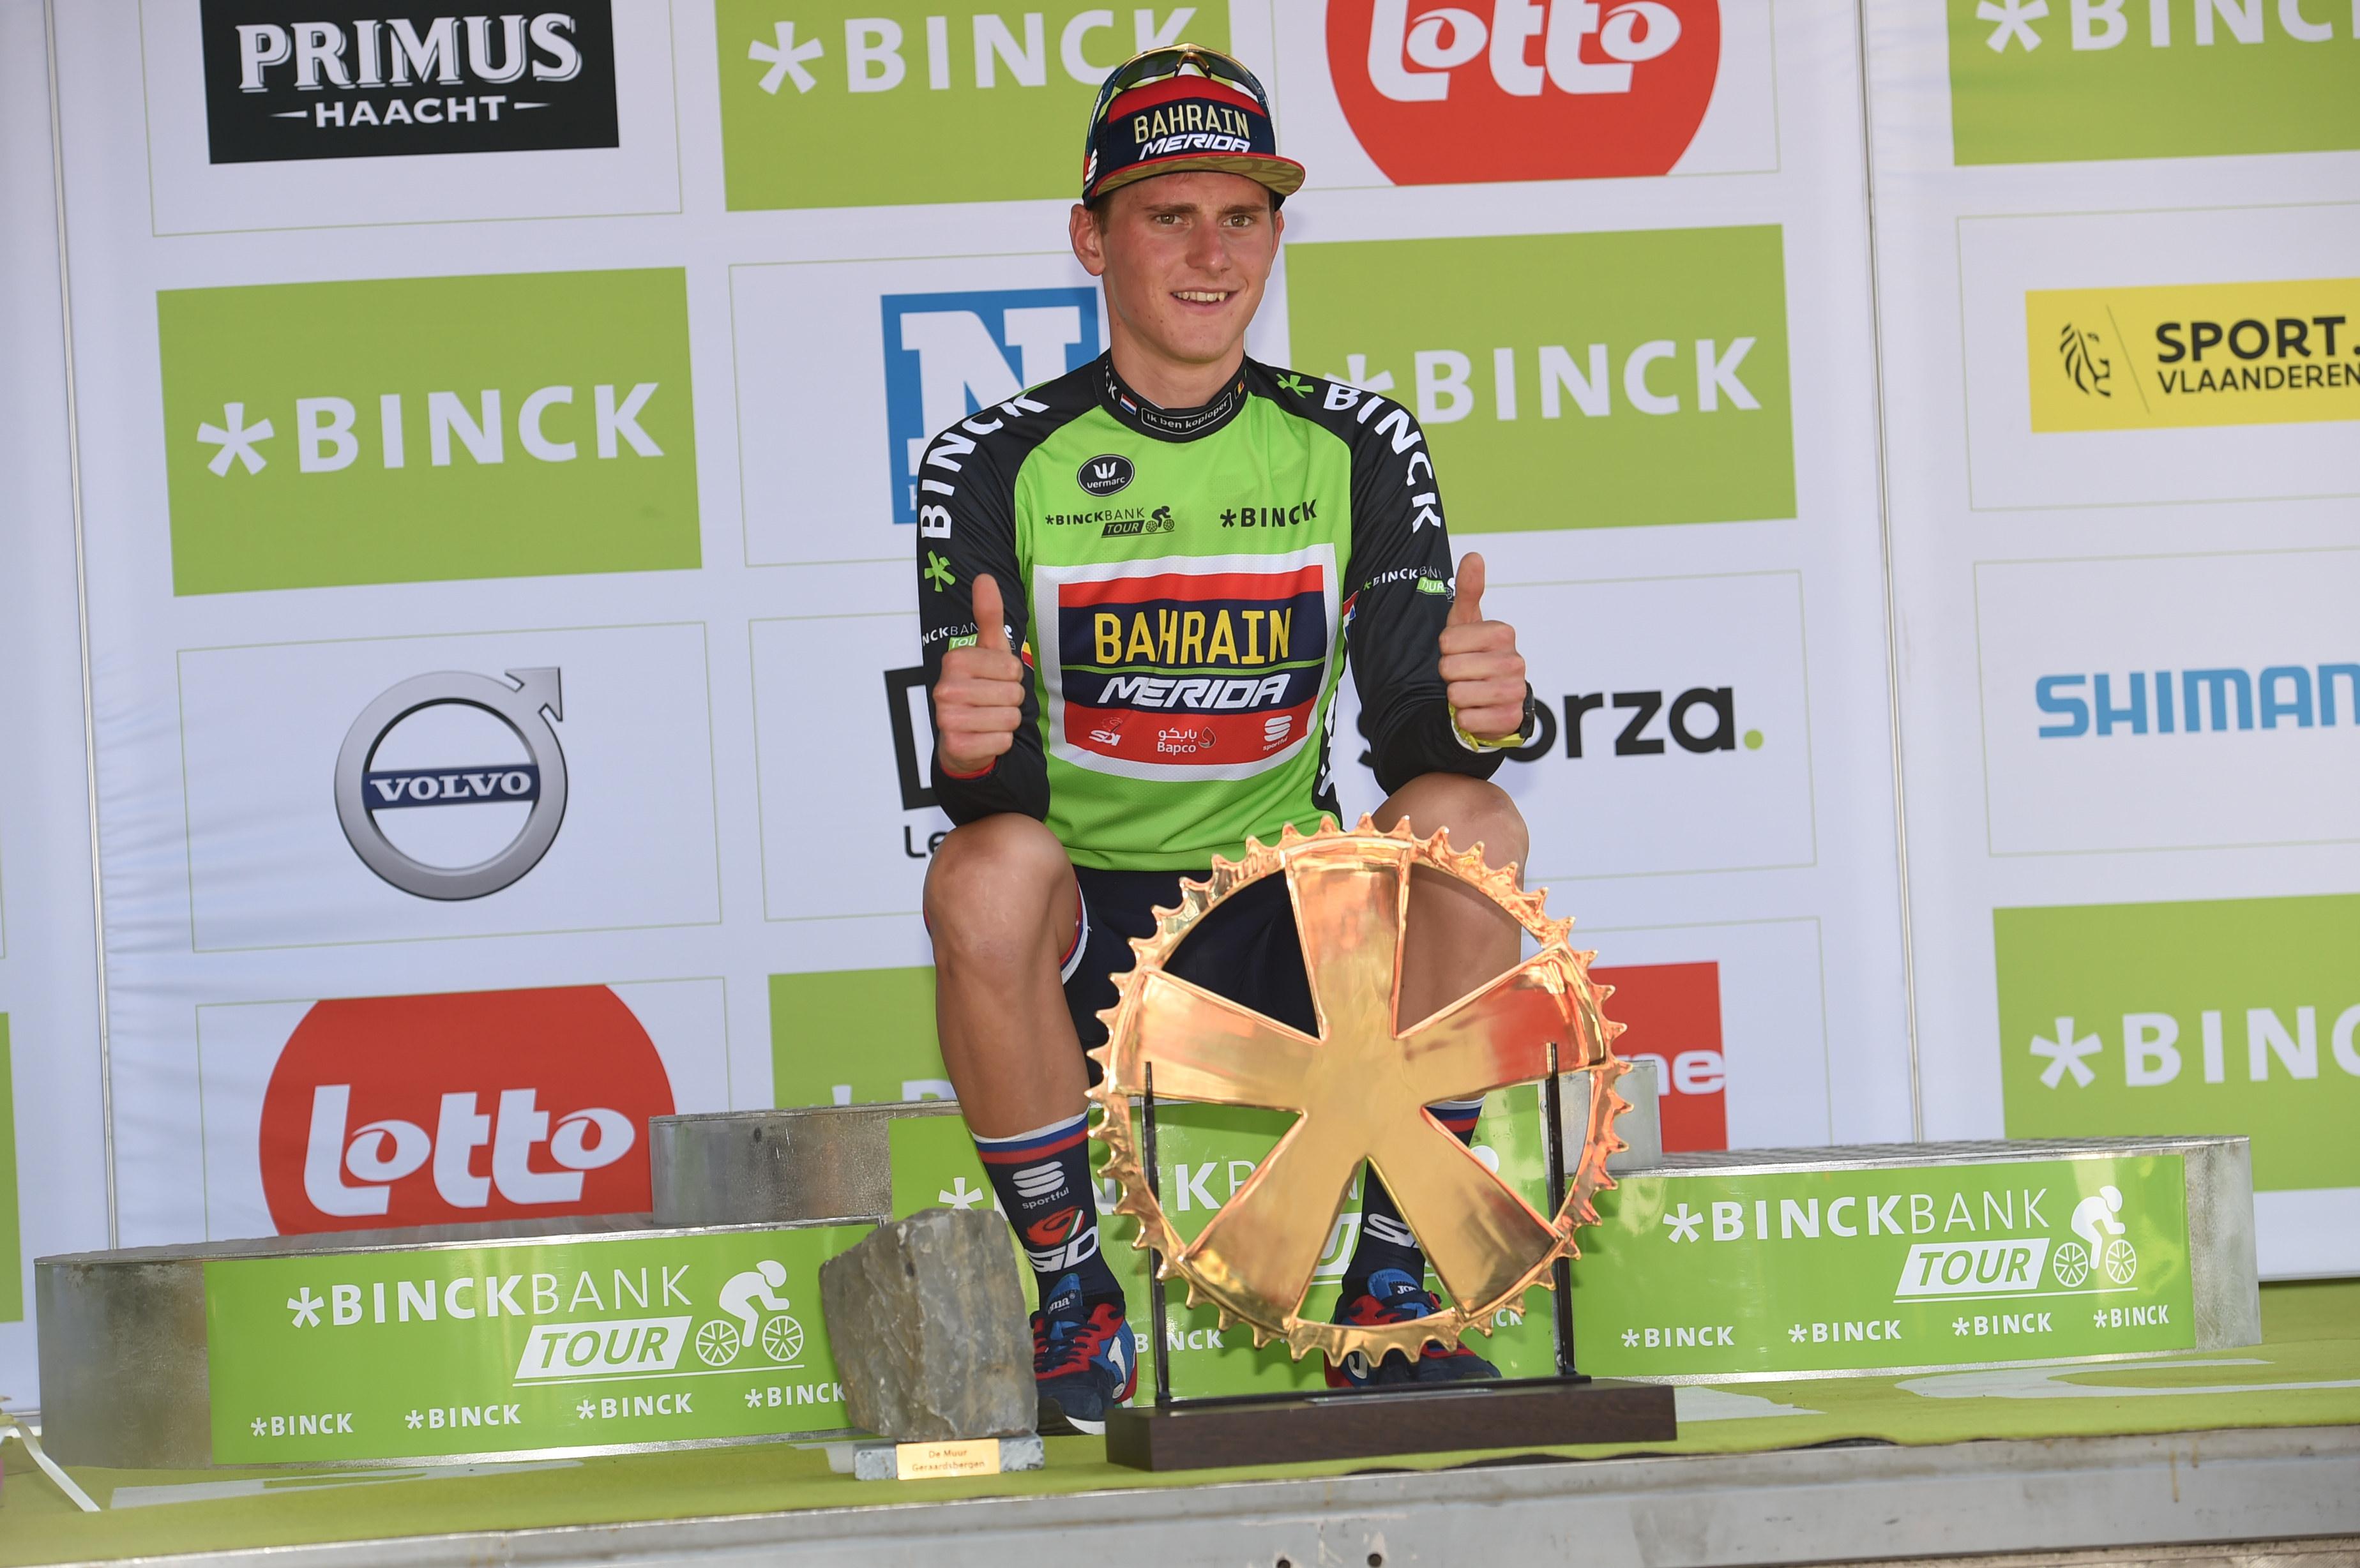 Matej Mohorič do izjemnega uspeha! (FOTO)